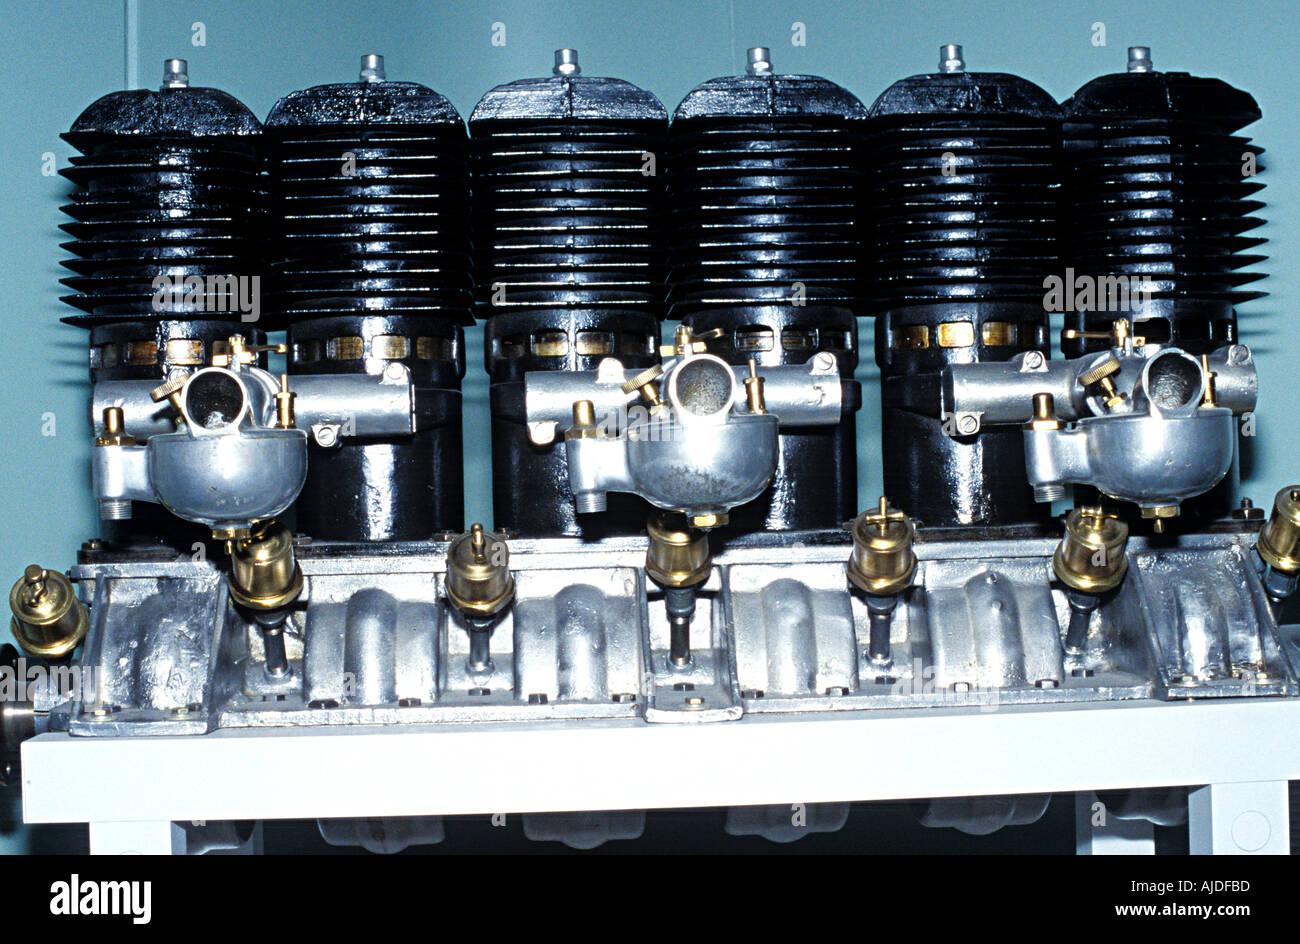 Inline 6 Cylinder Aircraft Engine